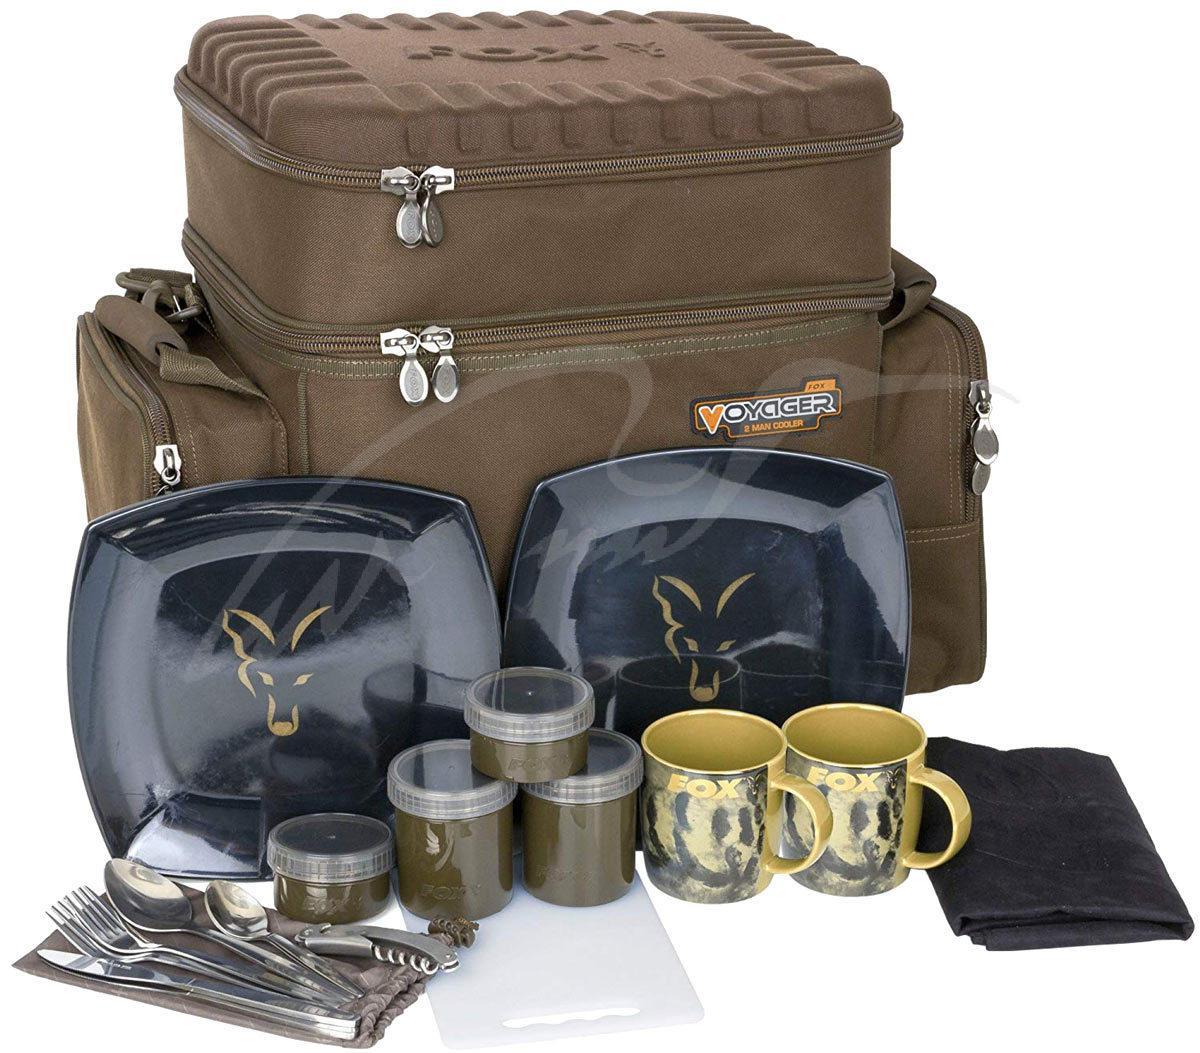 Сумка изотермическая Fox International Voyager Two Man Cooler с набором посуды